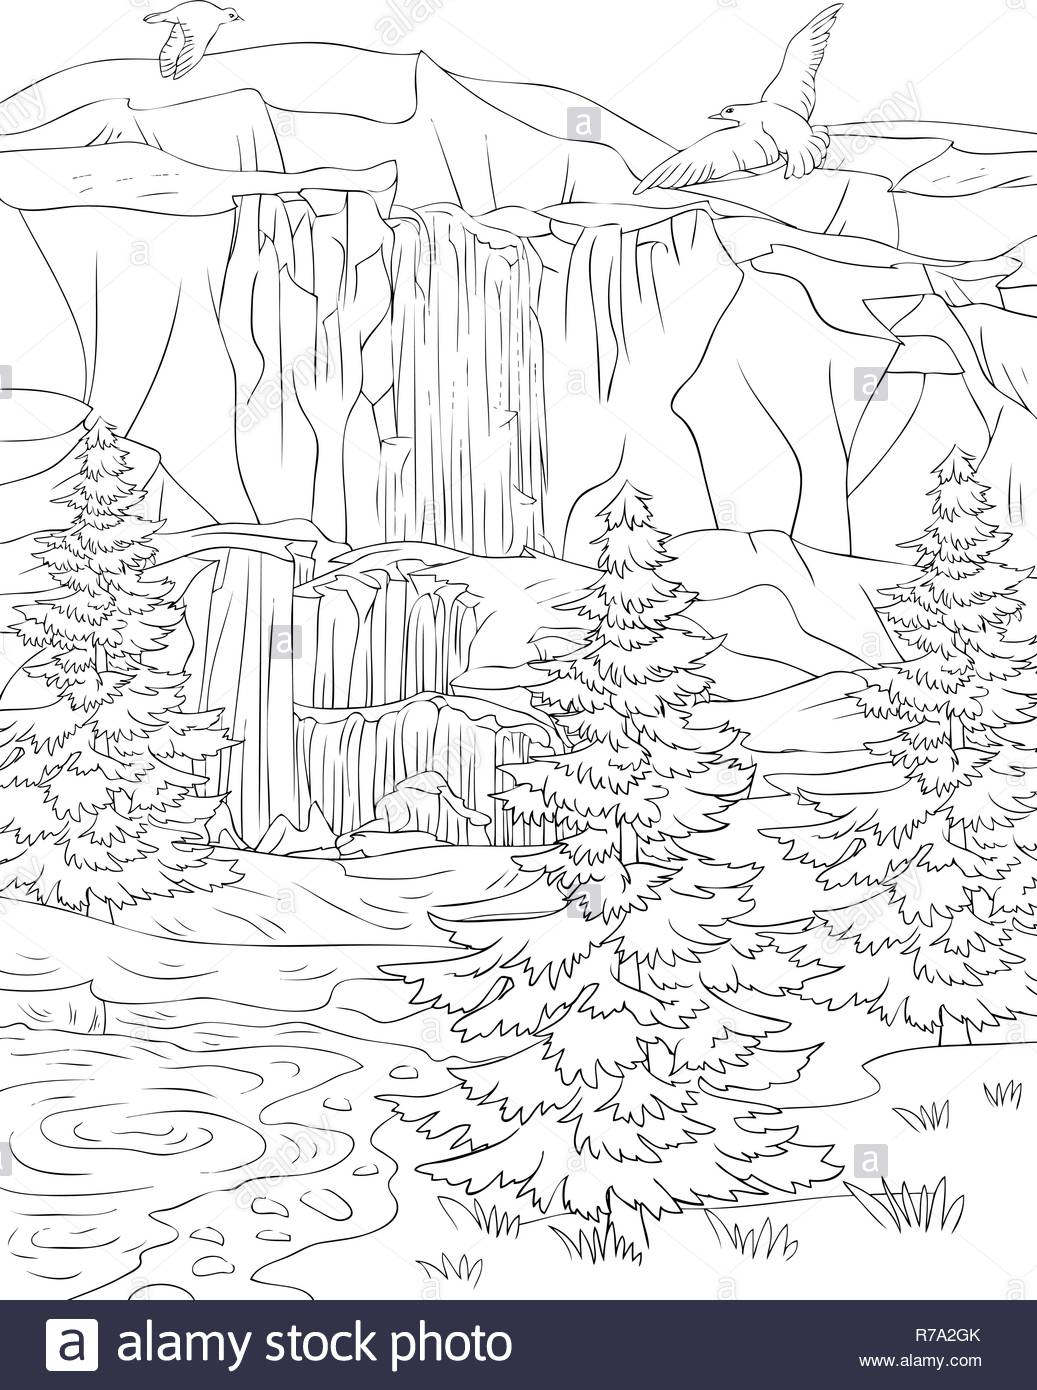 La Naturaleza Del Paisaje Con Una Cascada Y Piedras Con